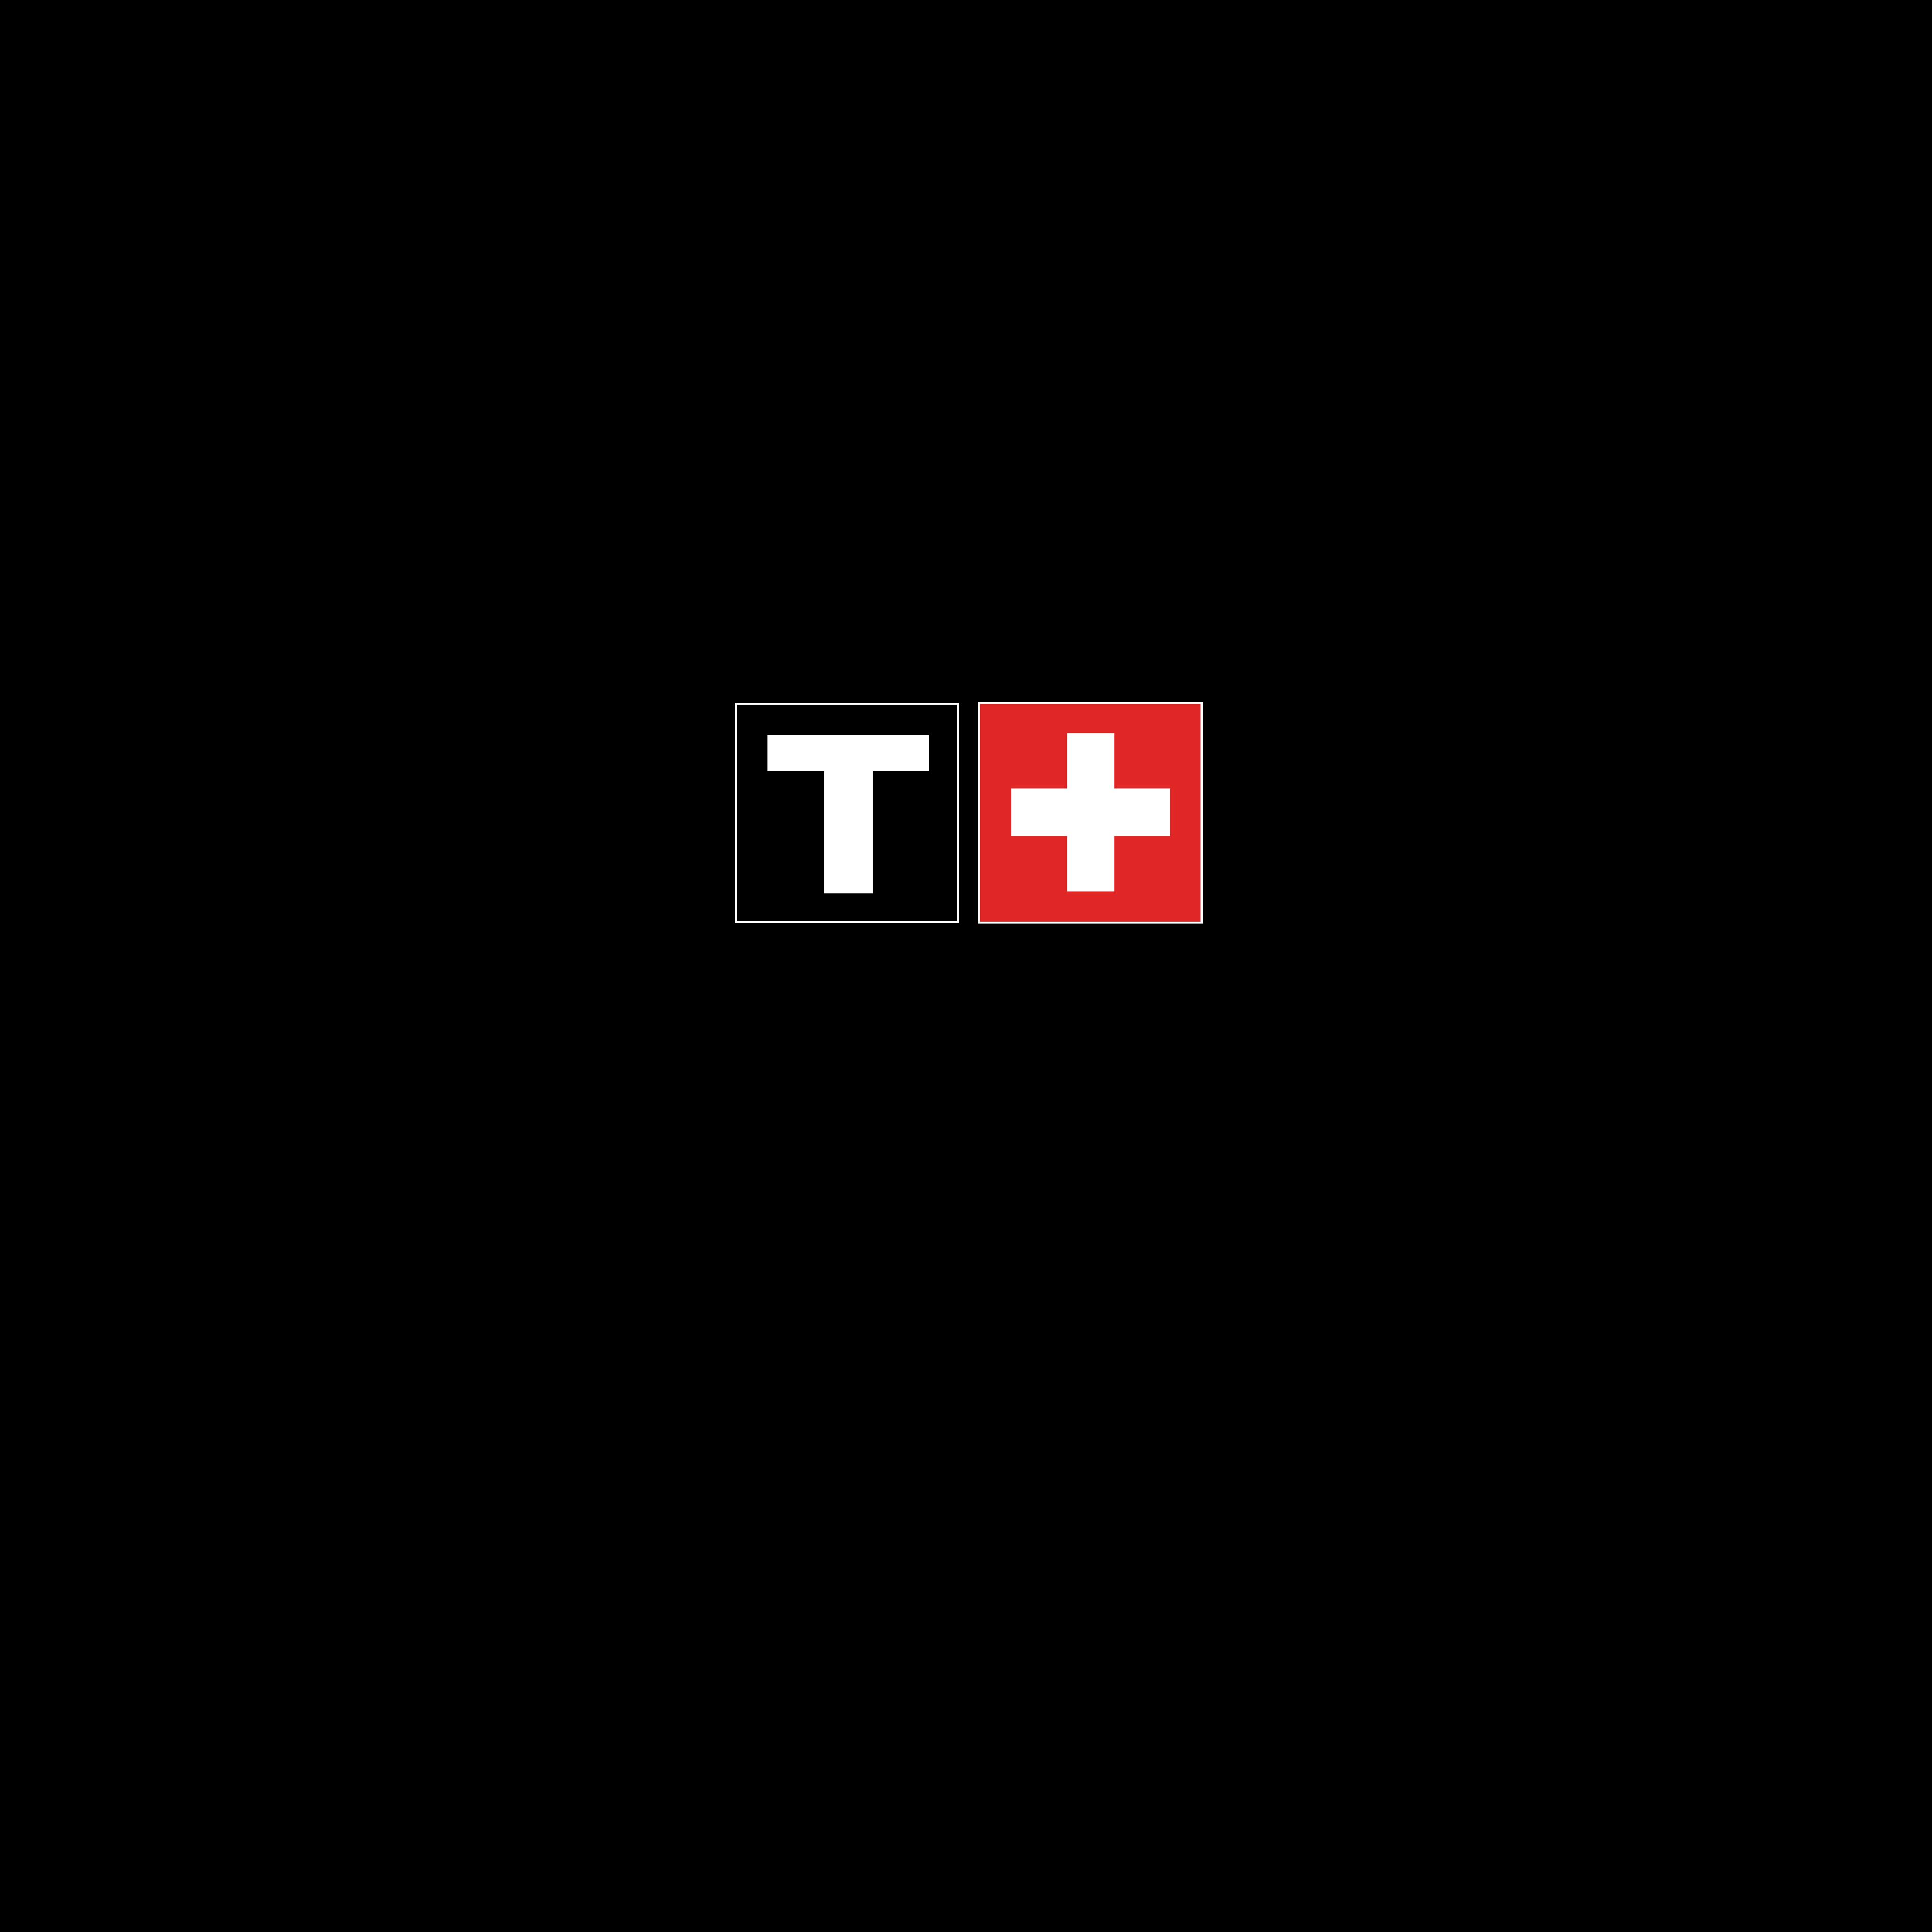 tissot logo 0 - Tissot Logo